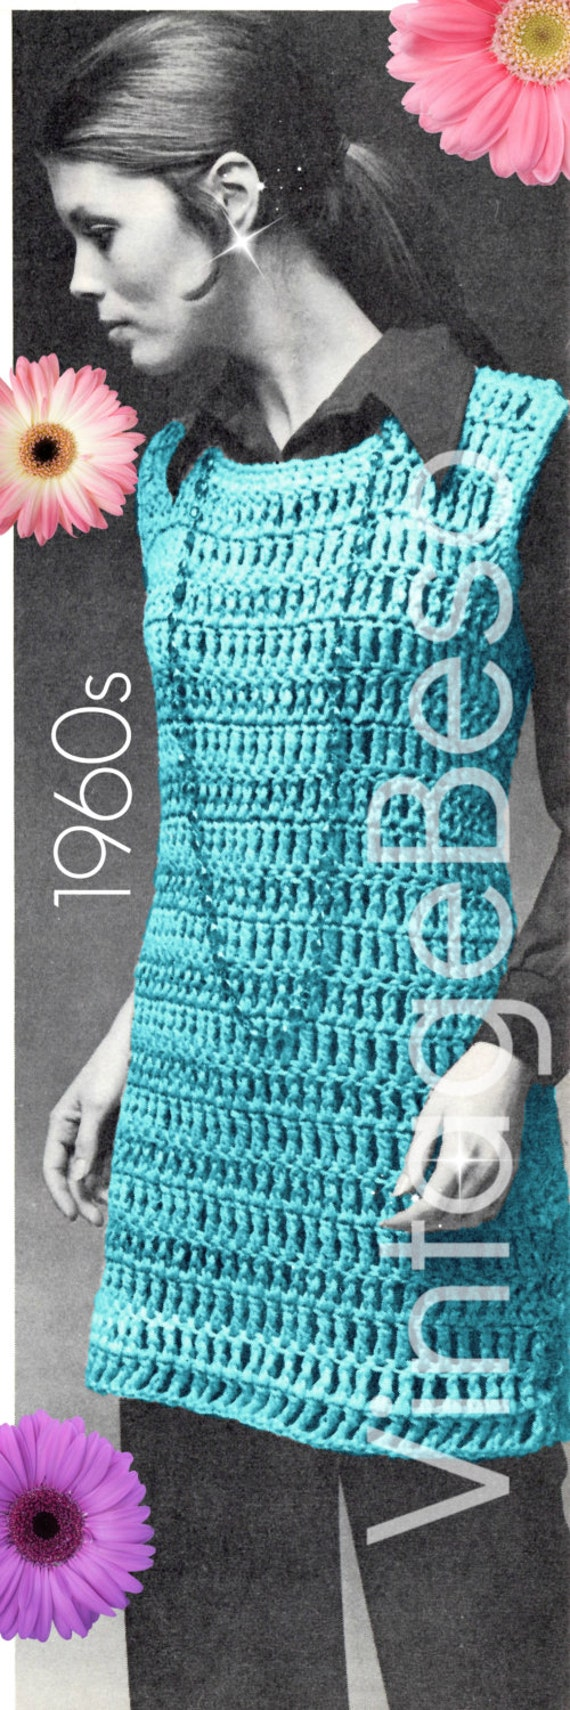 Top CROCHET Pattern • Retro 1960s Tank Dress CROCHET Pattern • Peekaboo Shirt Dress • Vintage Beso • Watermarked PDF Only